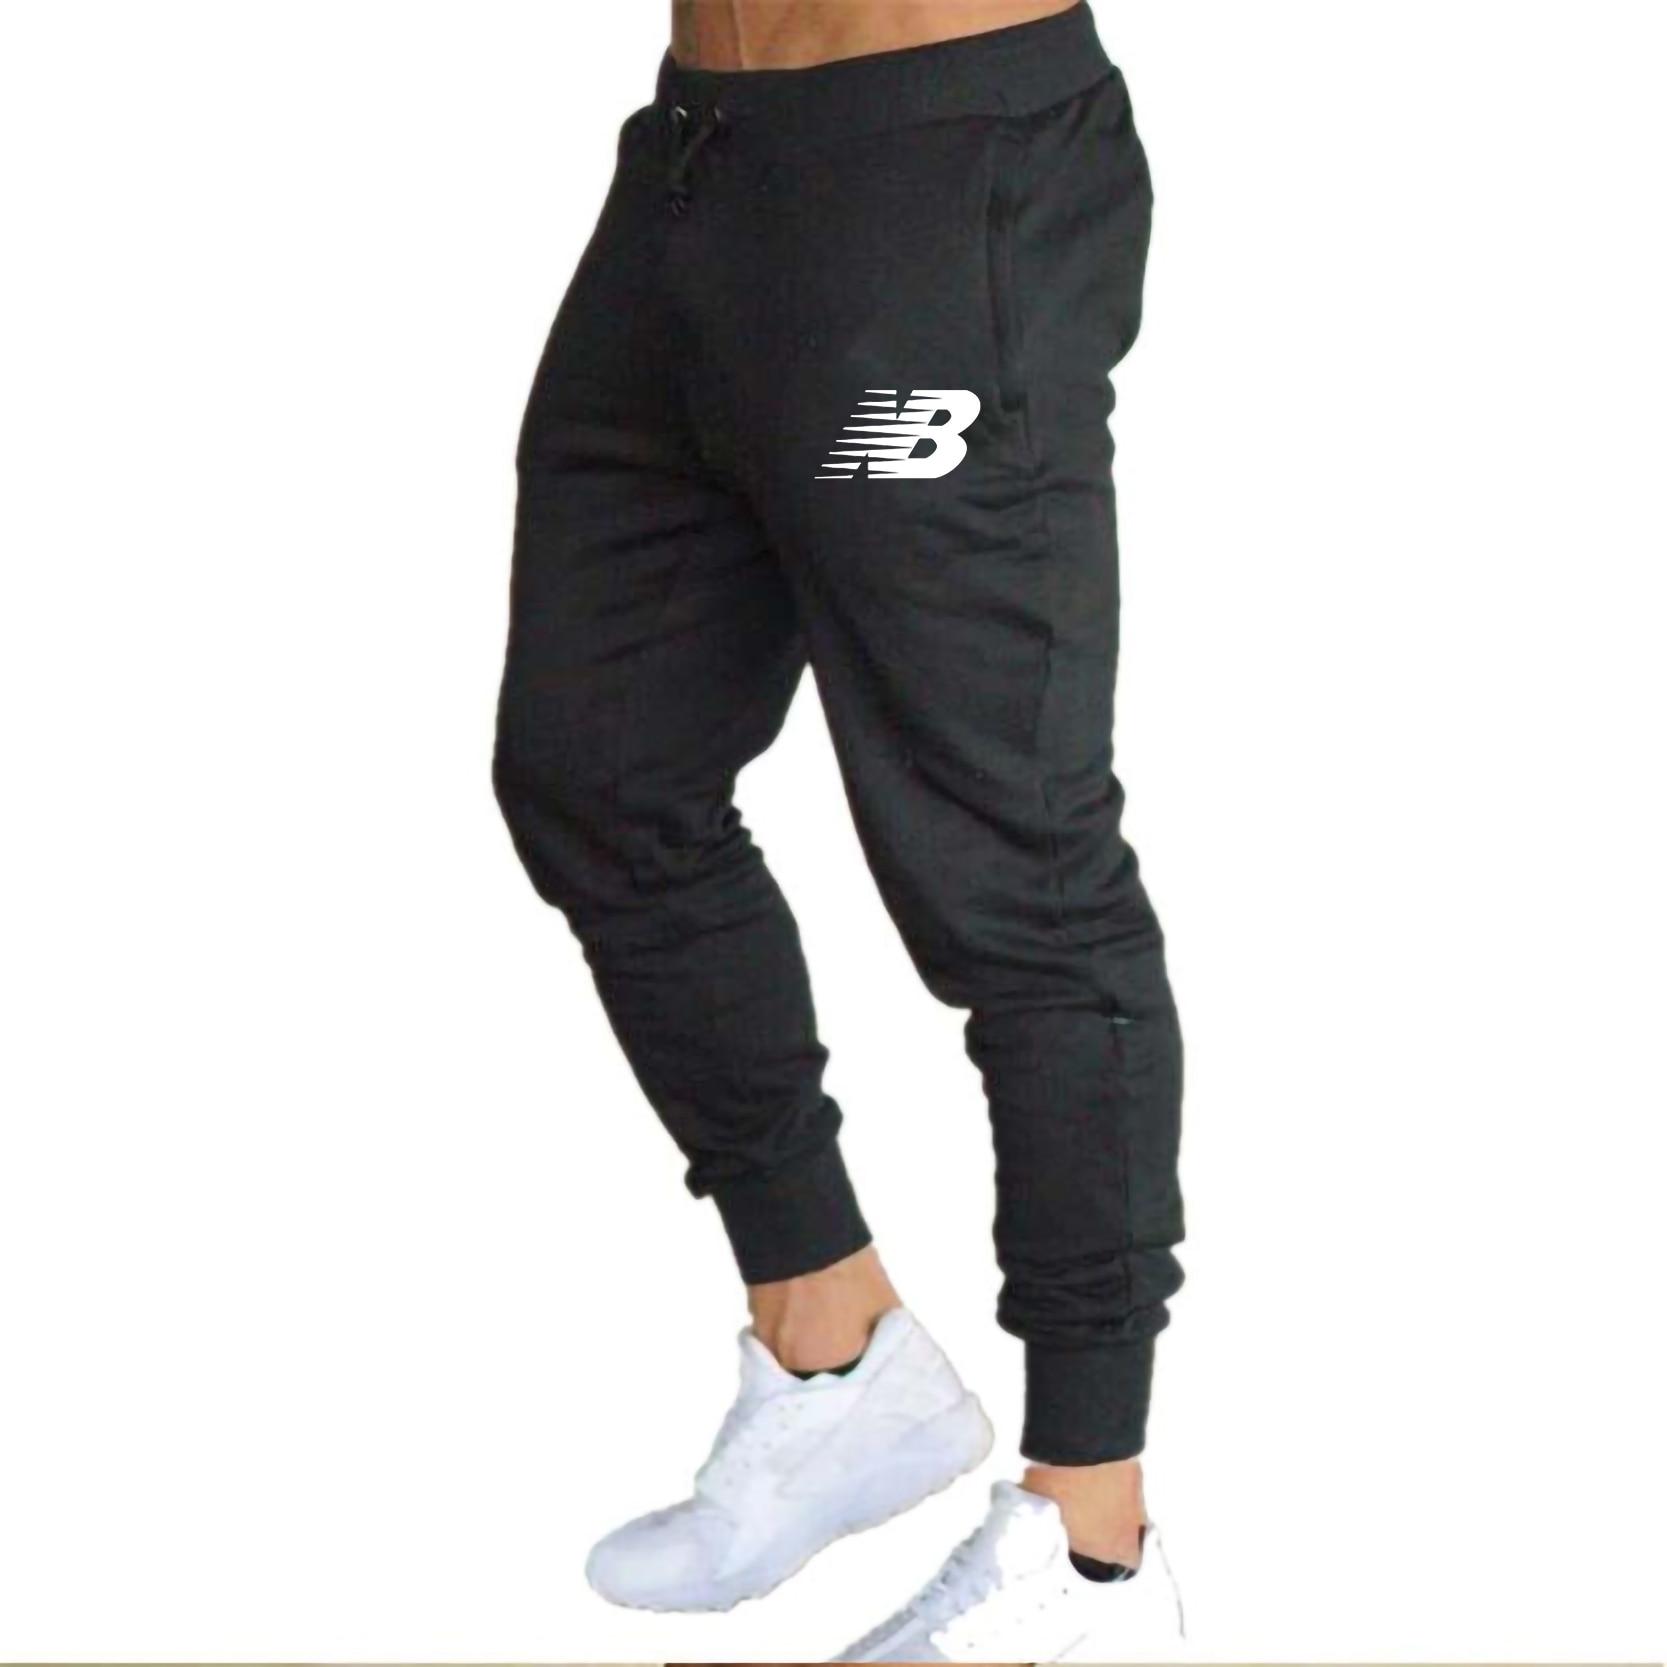 Штаны для бега, мужские тренировочные штаны, штаны для бега, штаны для спортзала, мужские джоггеры, хлопковые тренировочные штаны, облегающи...